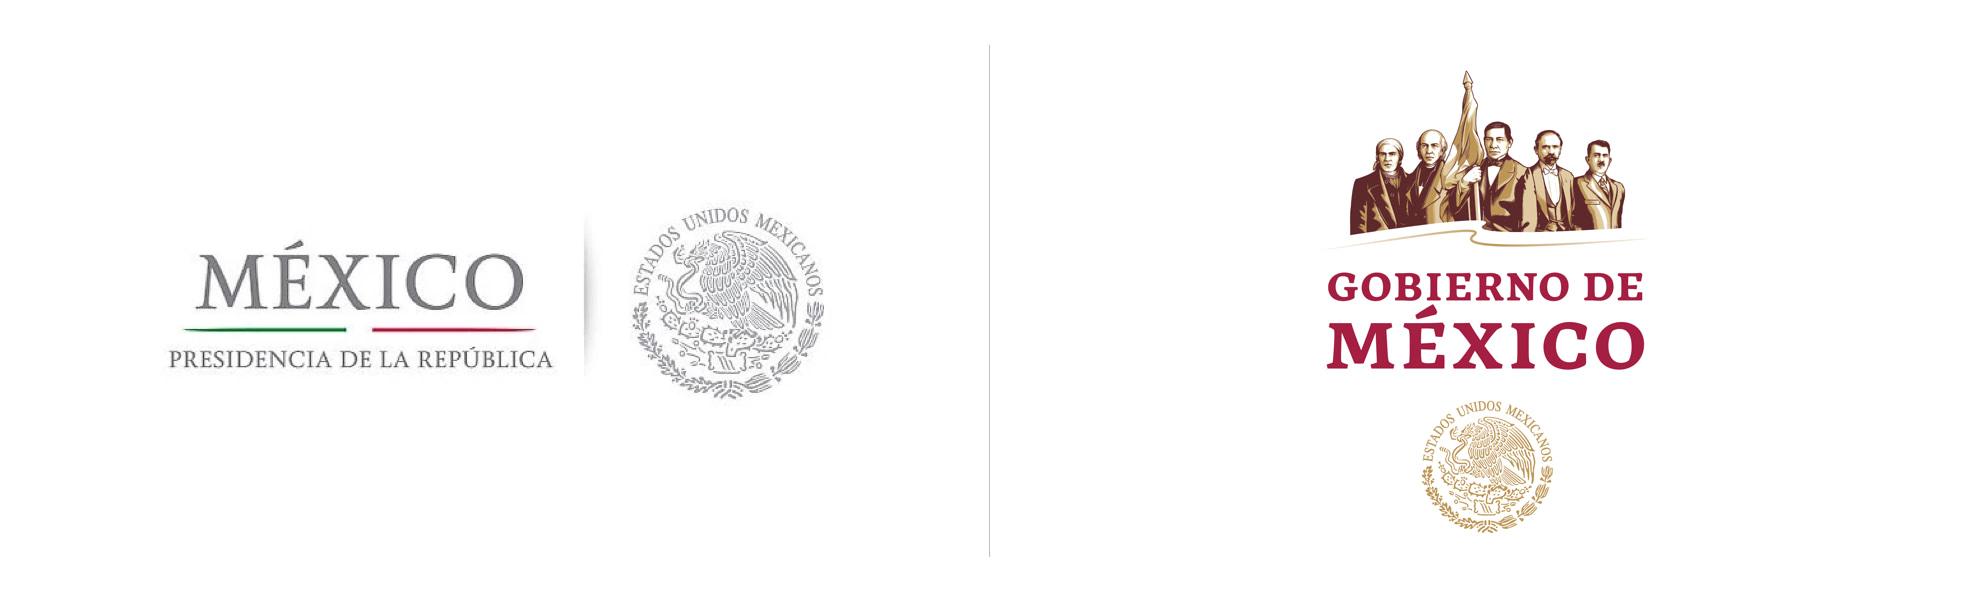 logo meksykańskiego rządu